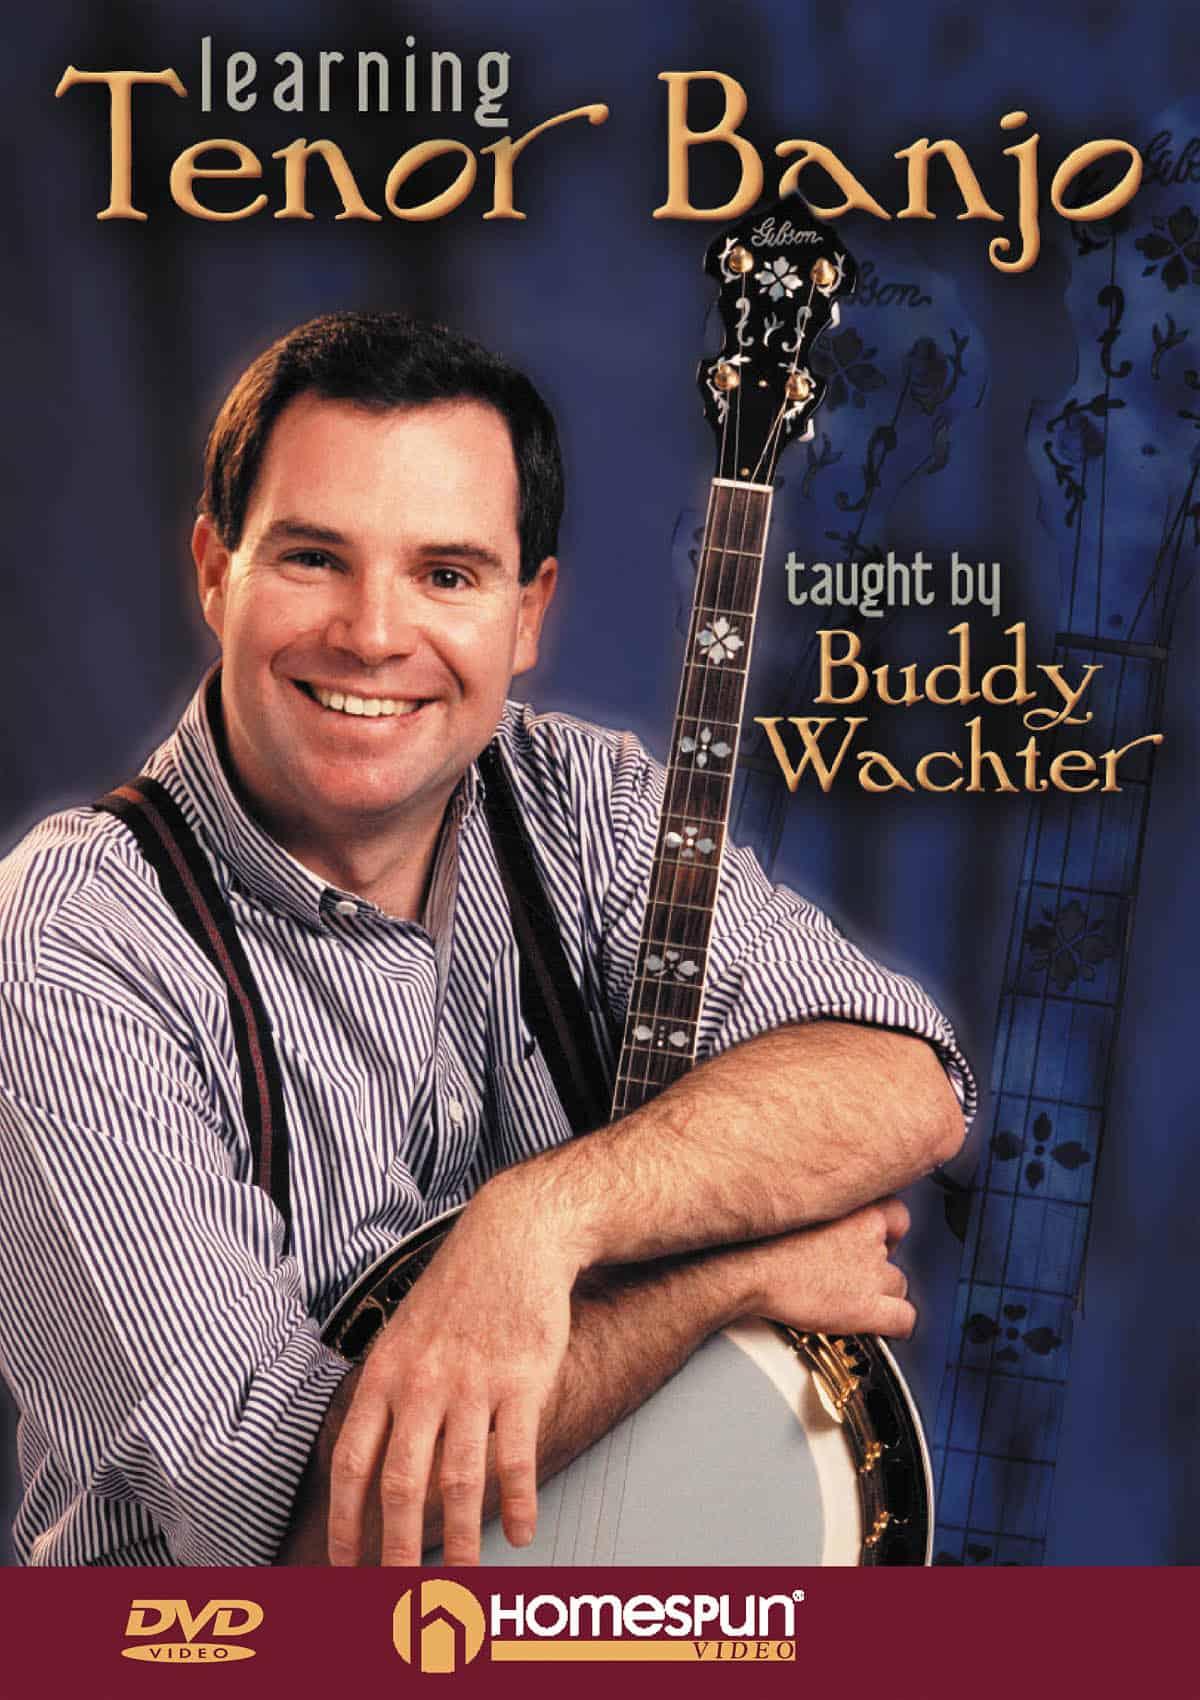 Buddy Wachter learning tenor banjo